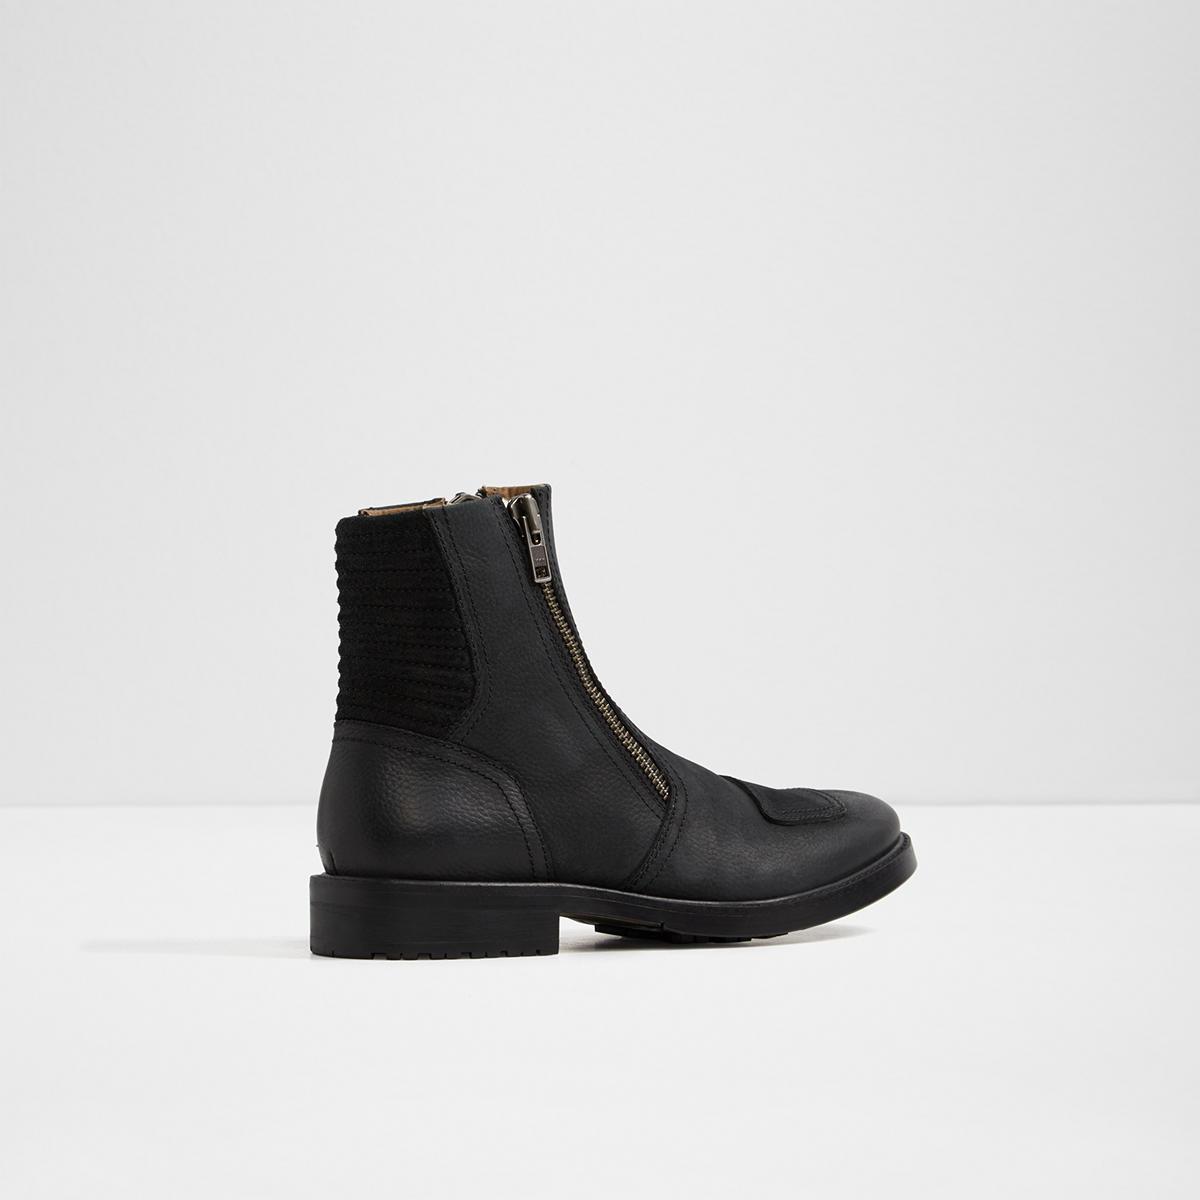 aldo shoes 97405 area code